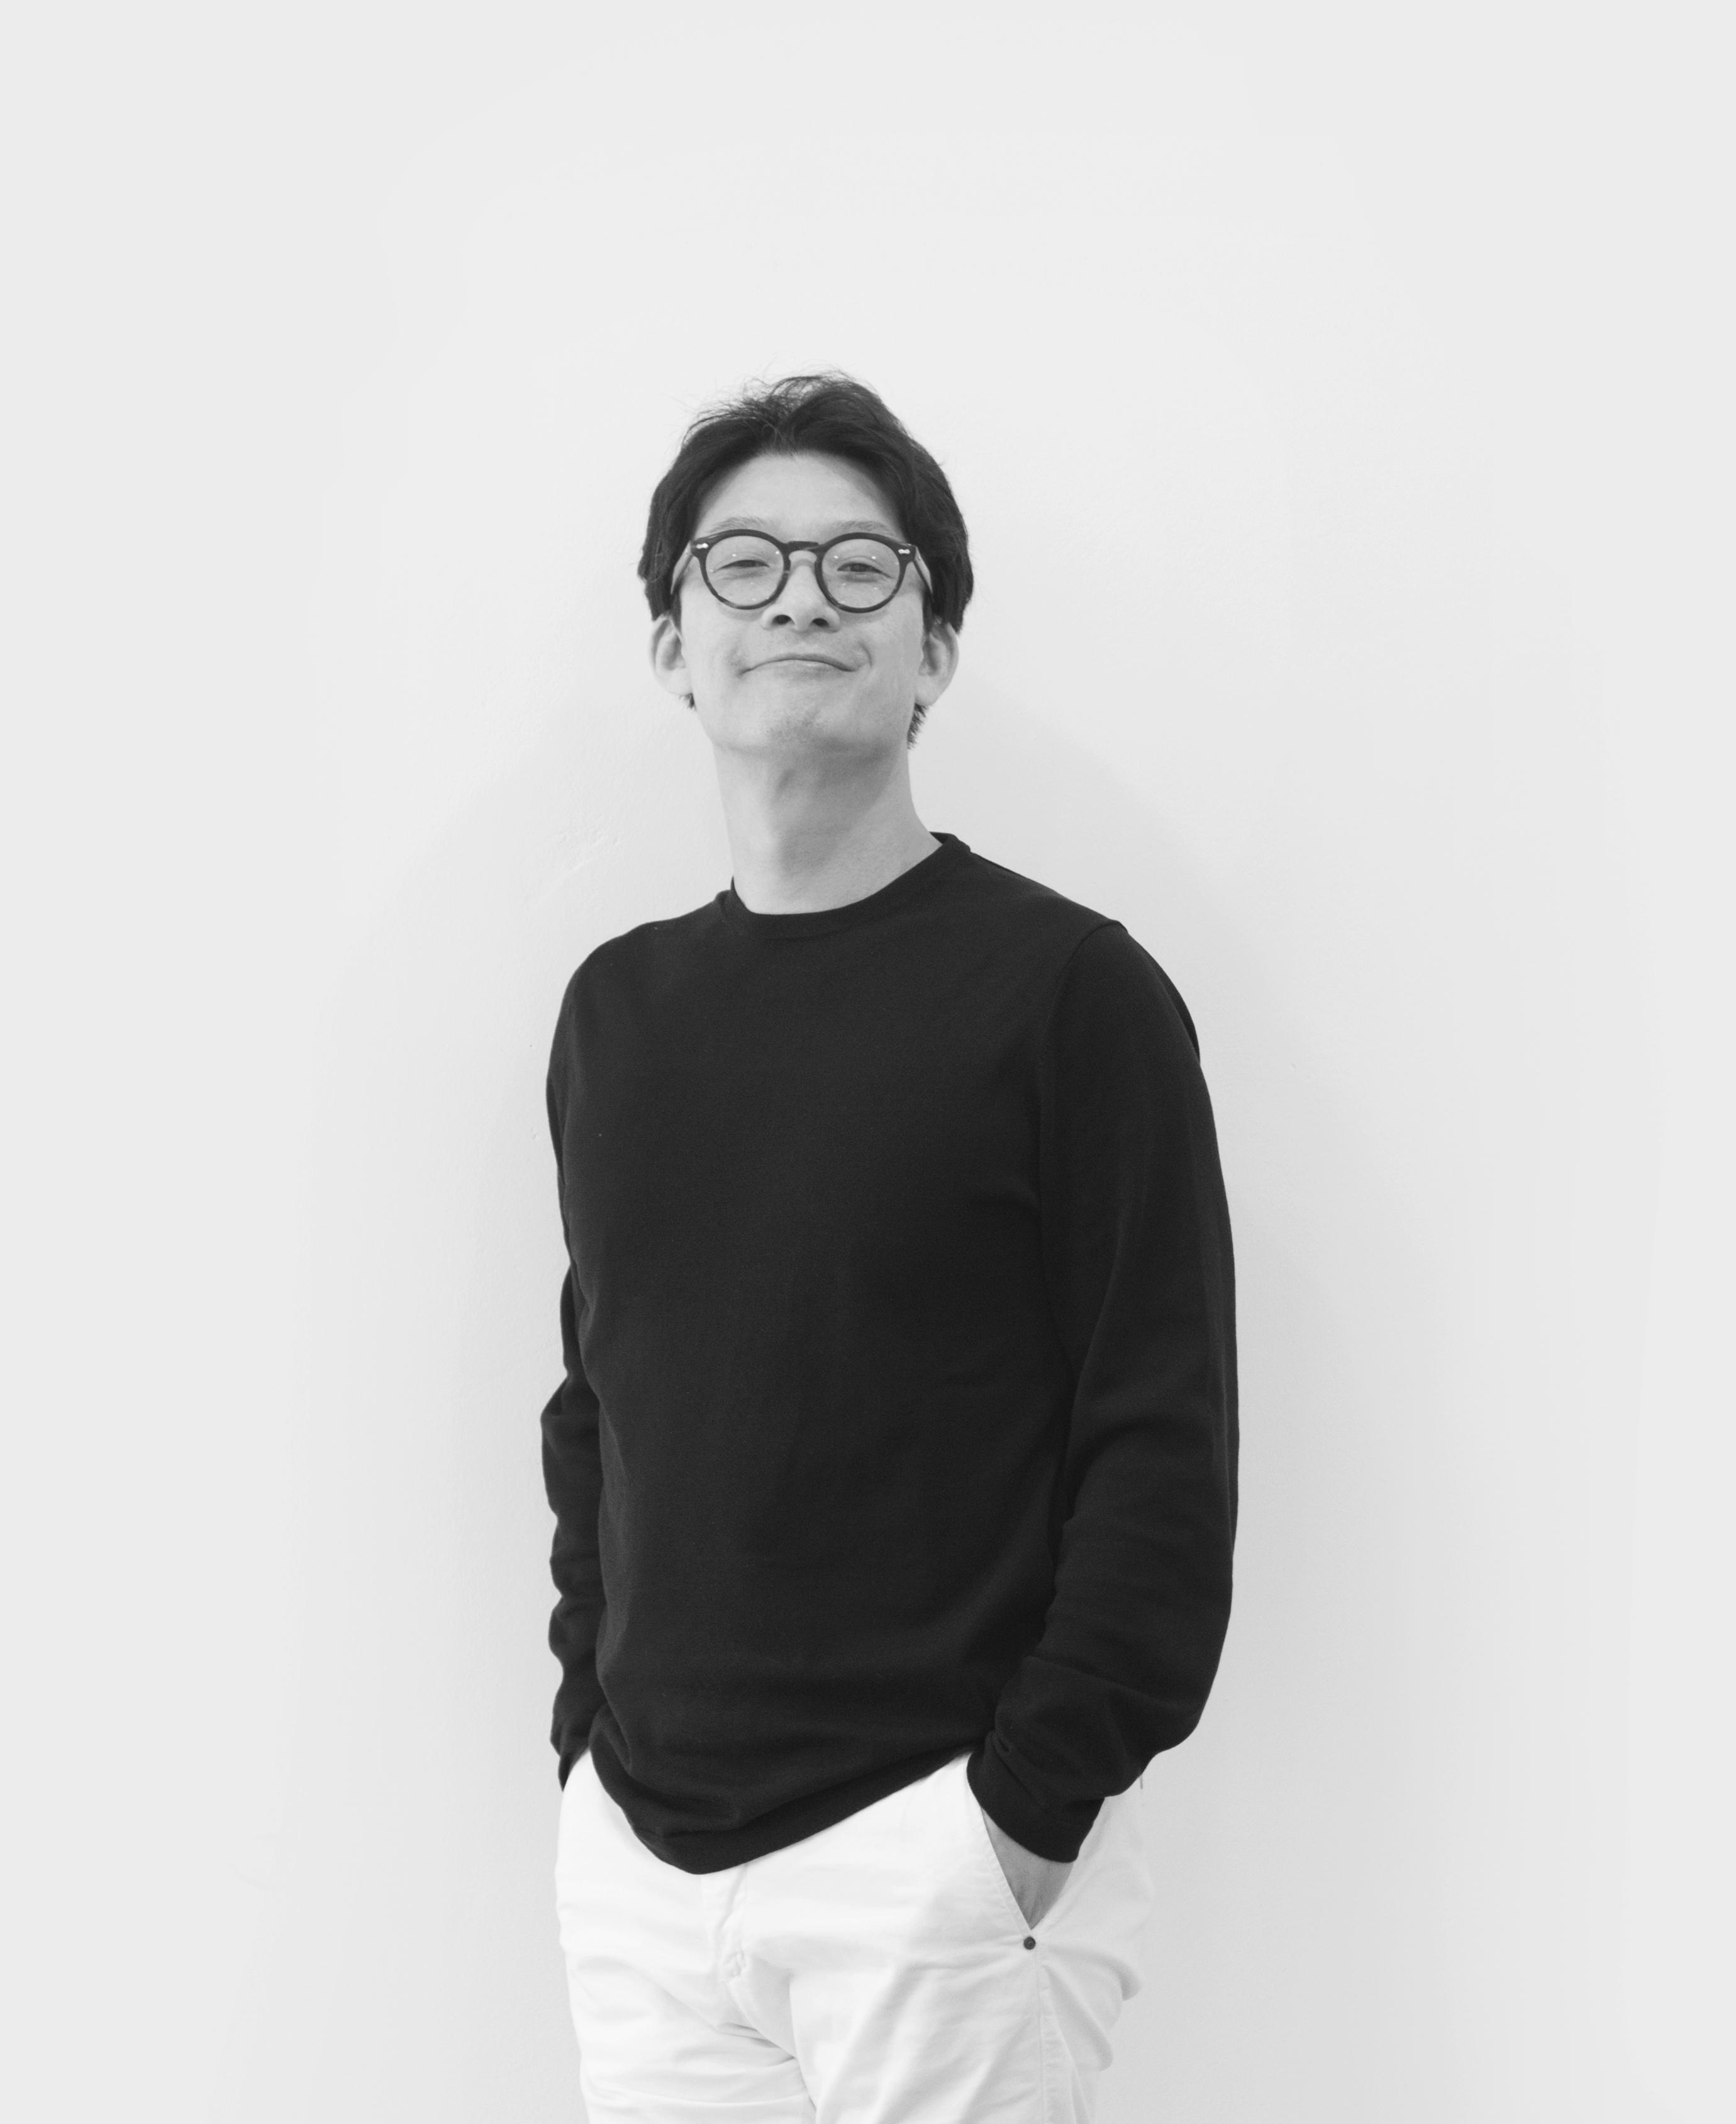 Jimmy Sungho Park